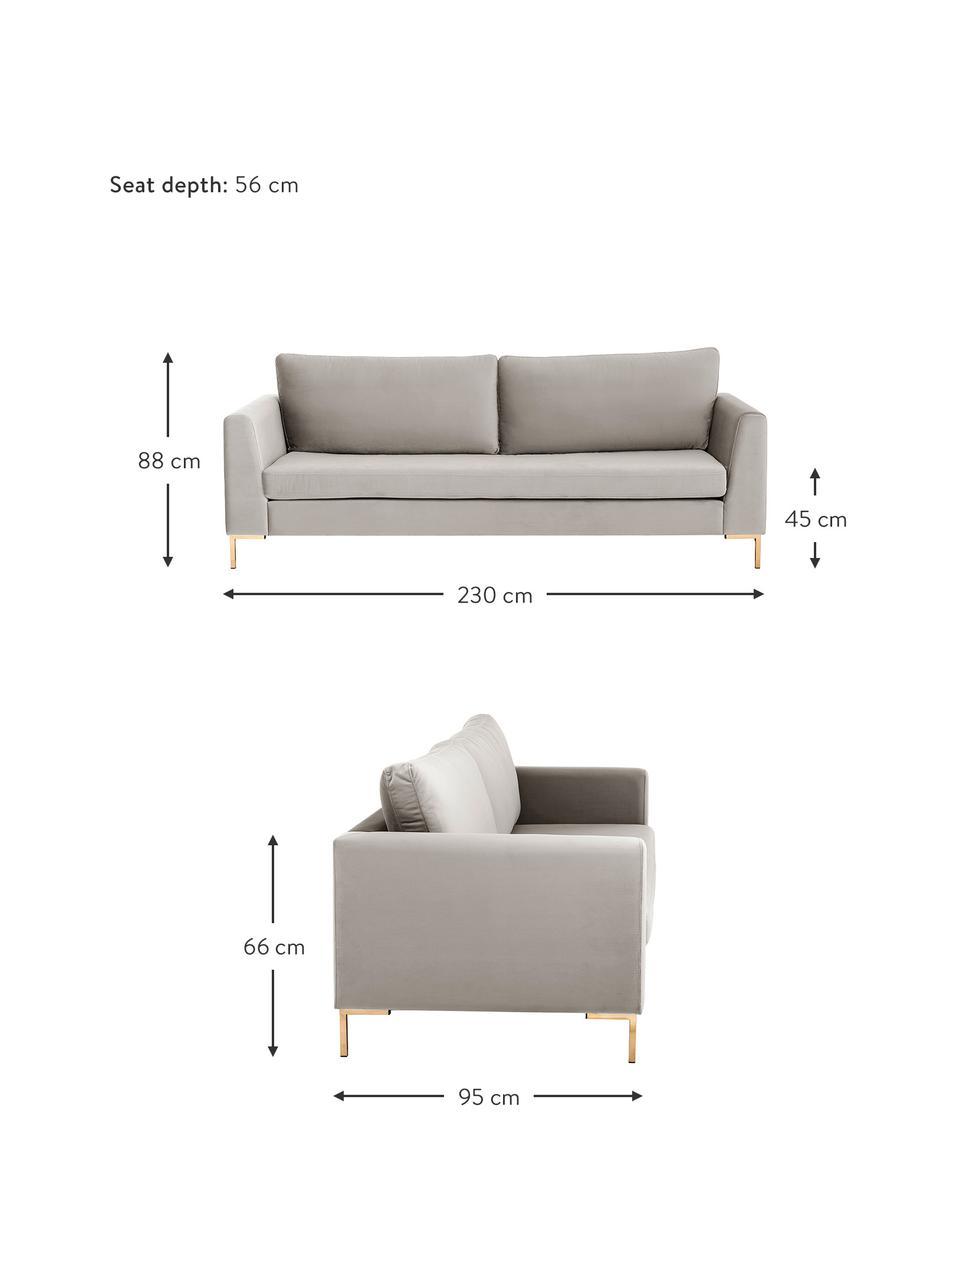 Samt-Sofa Luna (3-Sitzer) in Beige mit Metall-Füßen, Bezug: Samt (Polyester) Der hoch, Gestell: Massives Buchenholz, Füße: Metall, galvanisiert, Samt Beige, Gold, B 230 x T 95 cm